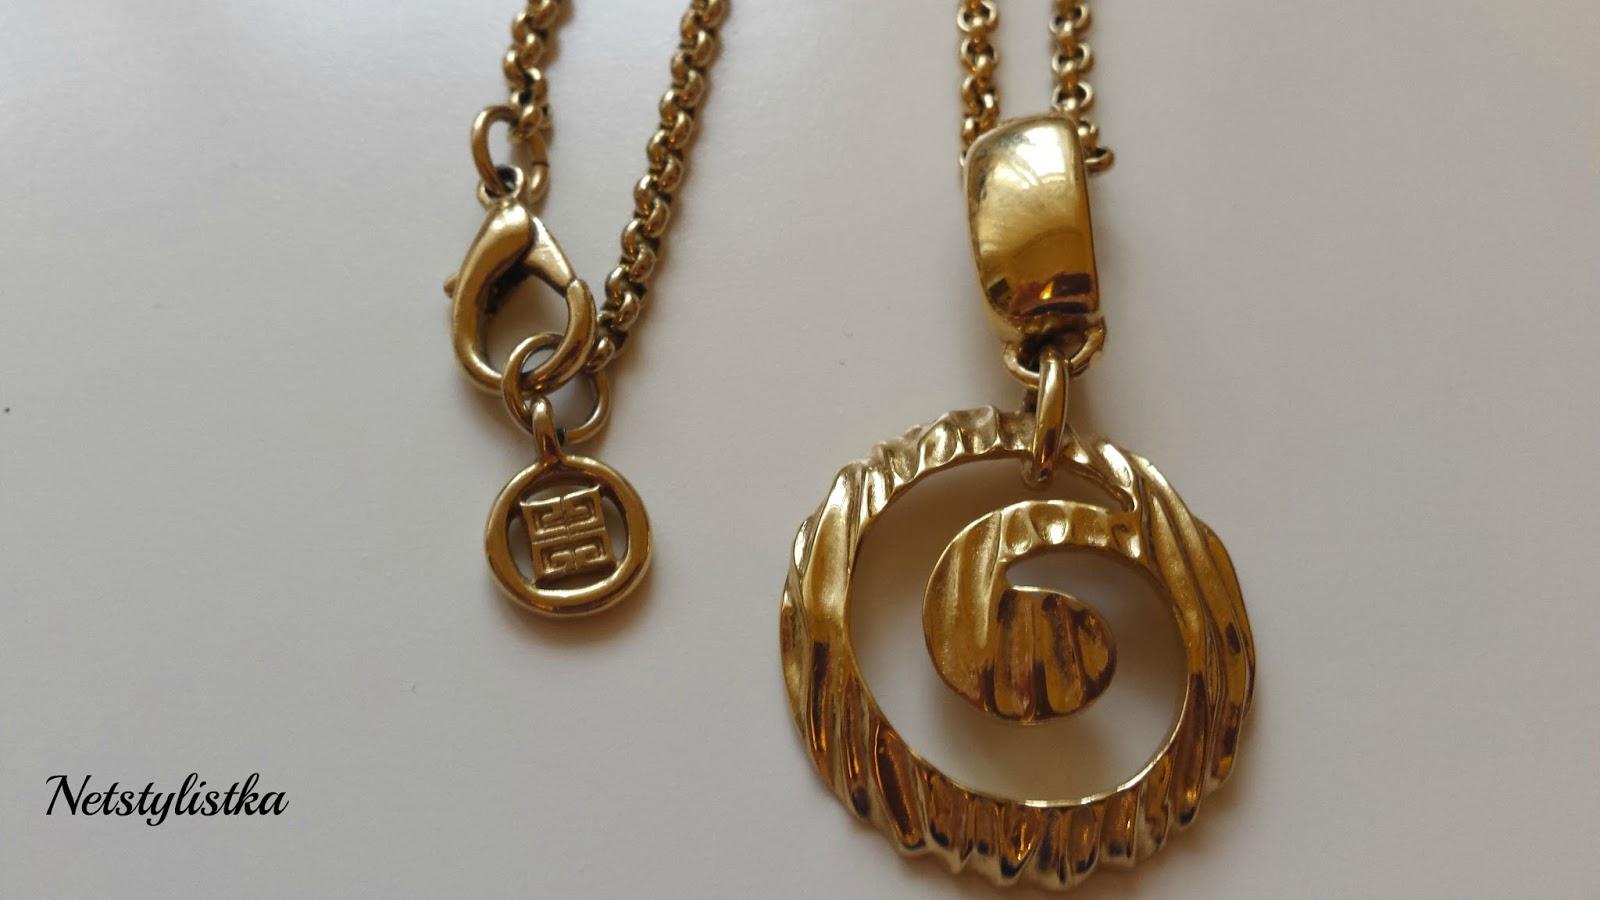 Givenchy złoty naszyjnik vintage, biżuteria vintage, stare złote kolczyki Givenchy, markowa biżuteria